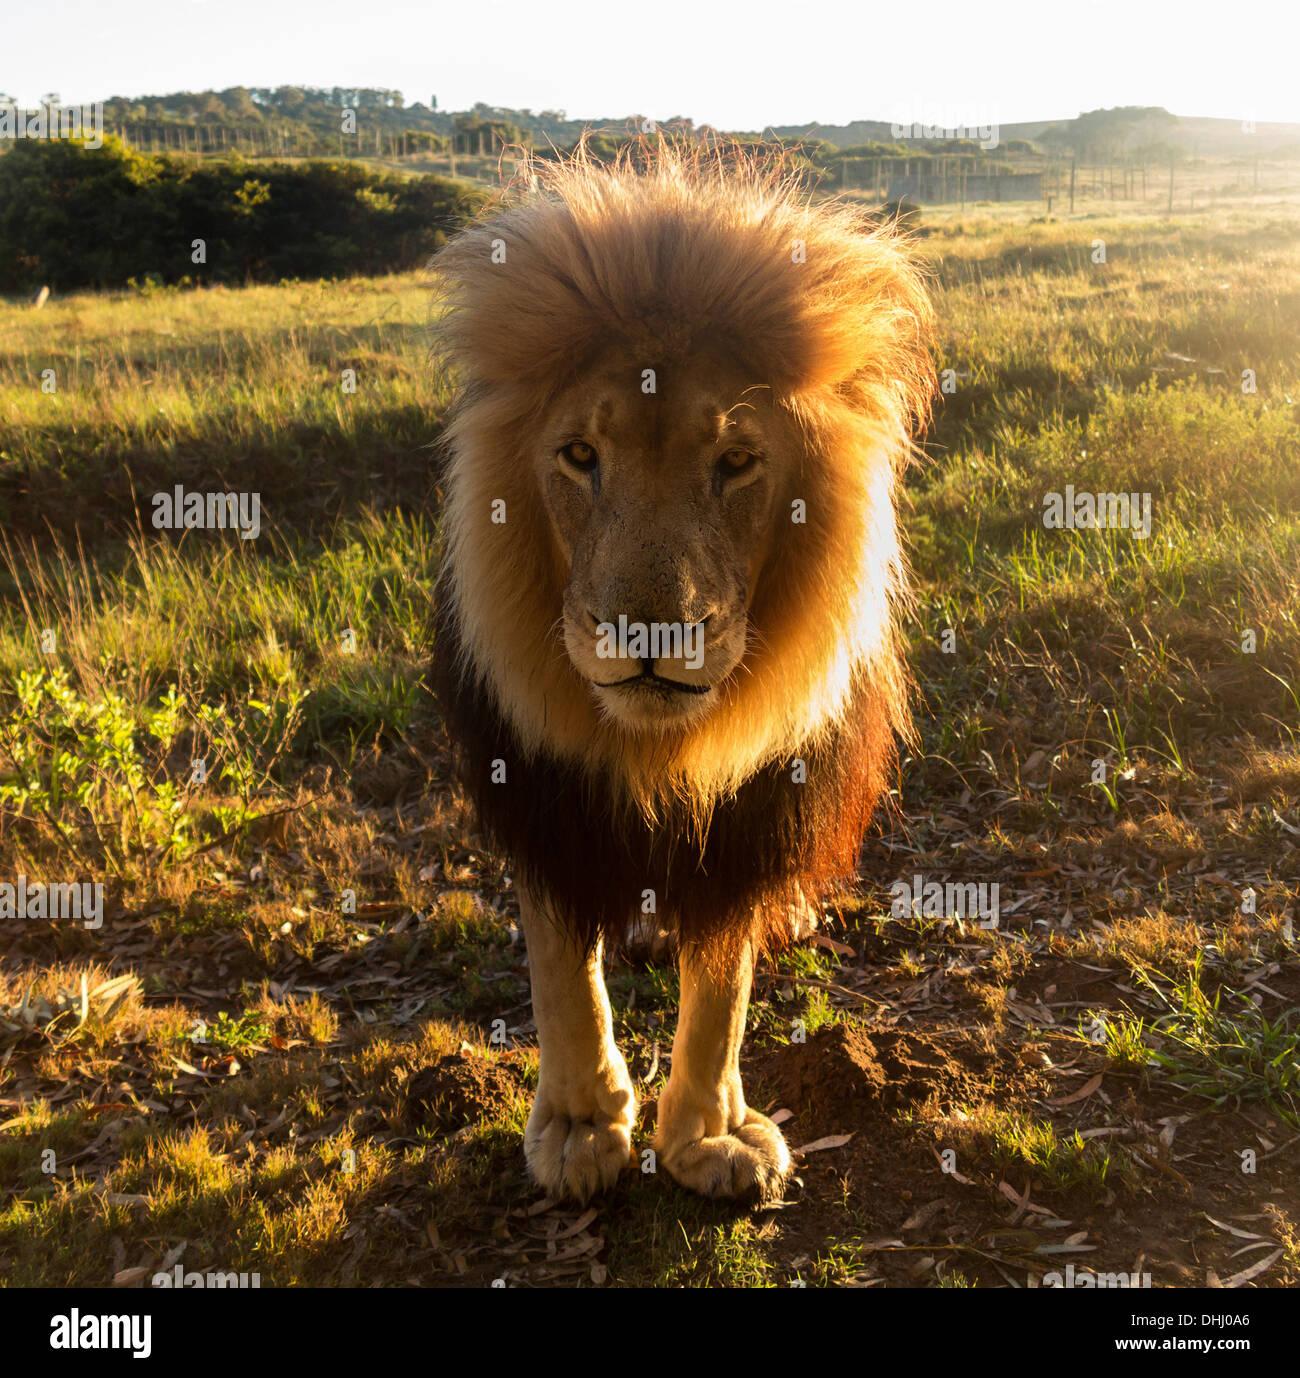 Cerca de un viejo león macho grande mirando la cámara, retroiluminado, Sudáfrica Imagen De Stock